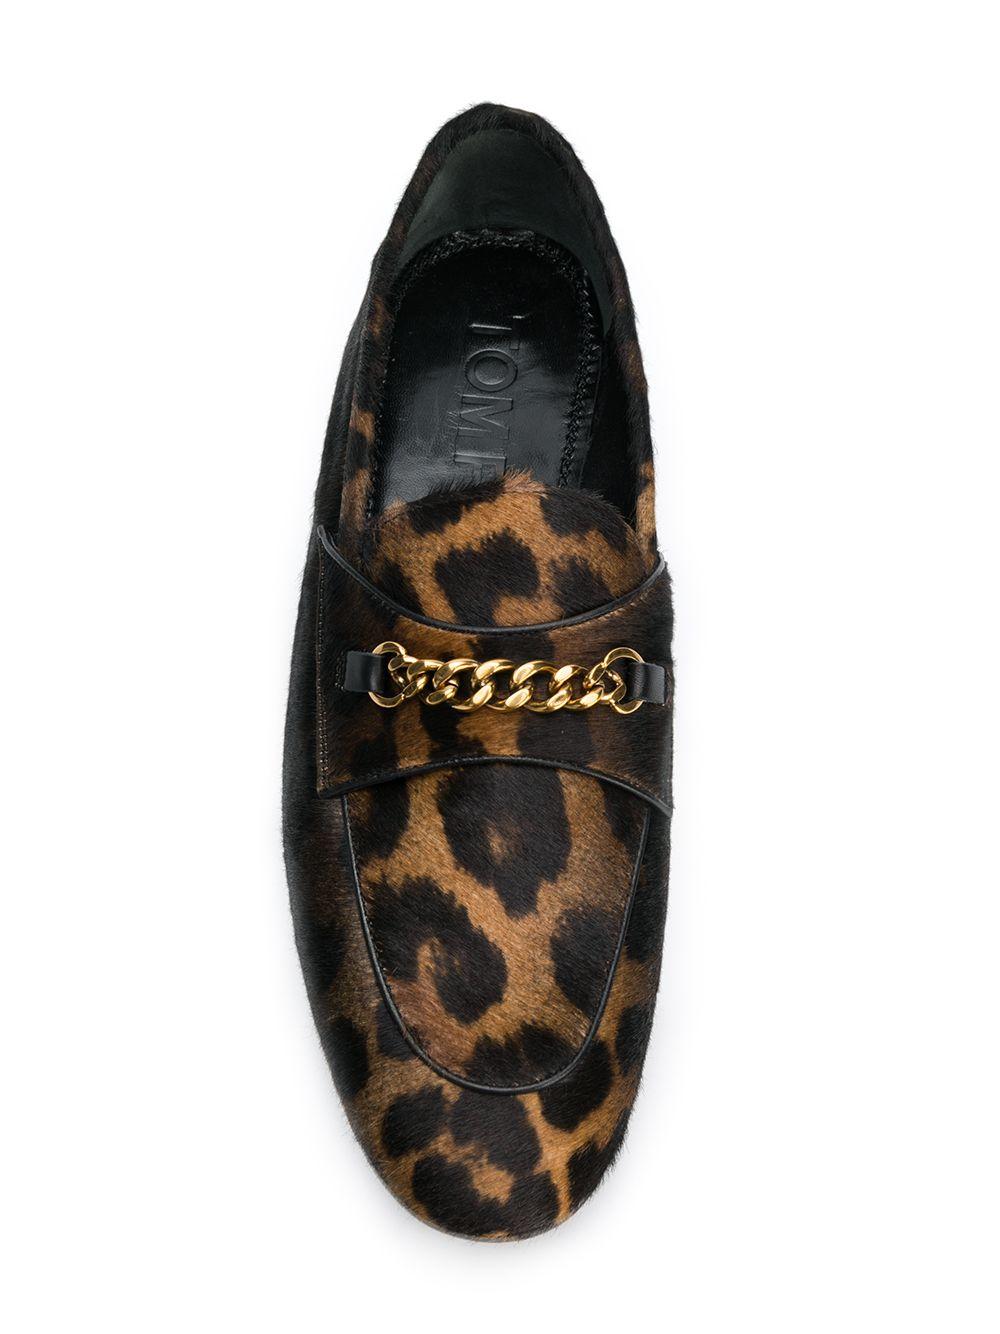 Tom Ford | лоферы с леопардовым принтом и пряжками | Clouty